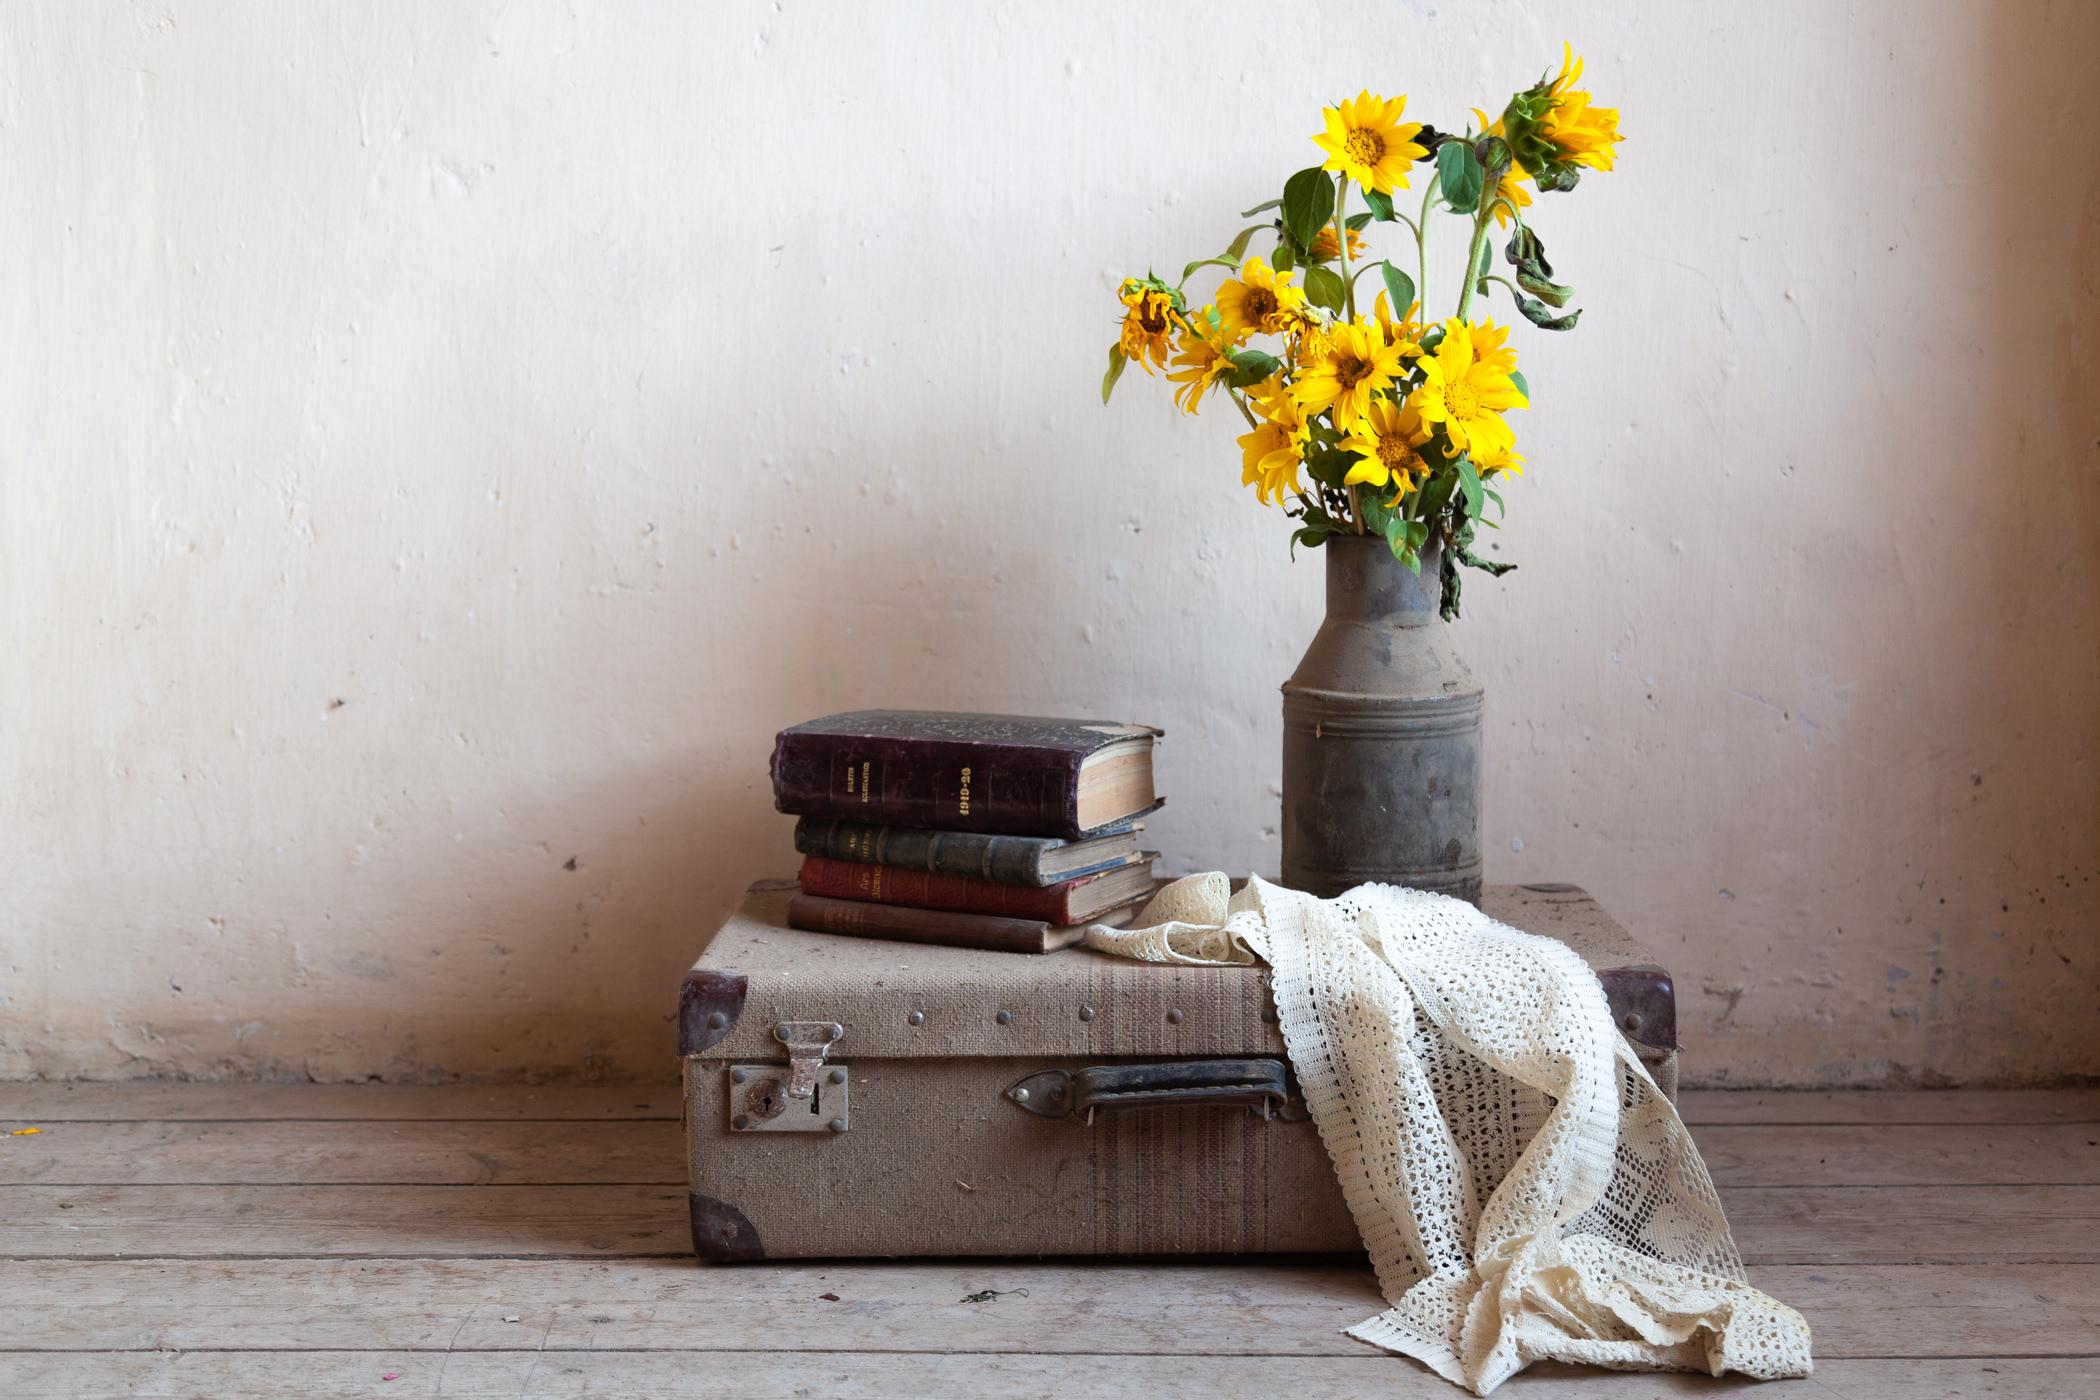 Bodegón con maleta, libros y girasoles